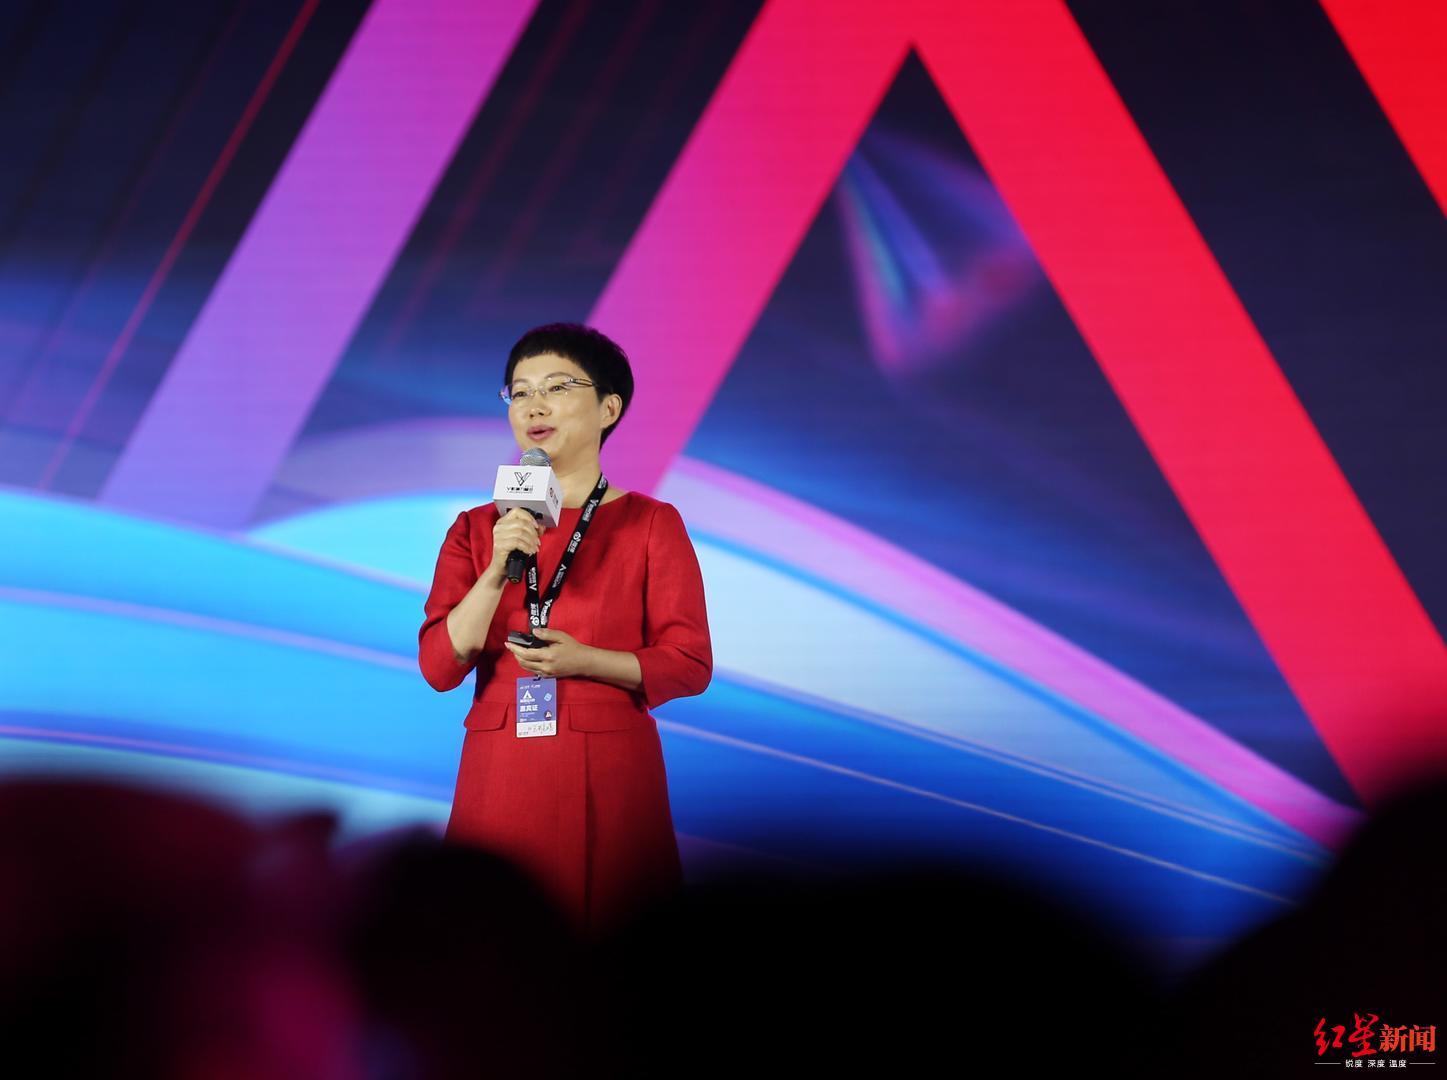 图集丨2019微博超级红人节,一大波网红本尊现身